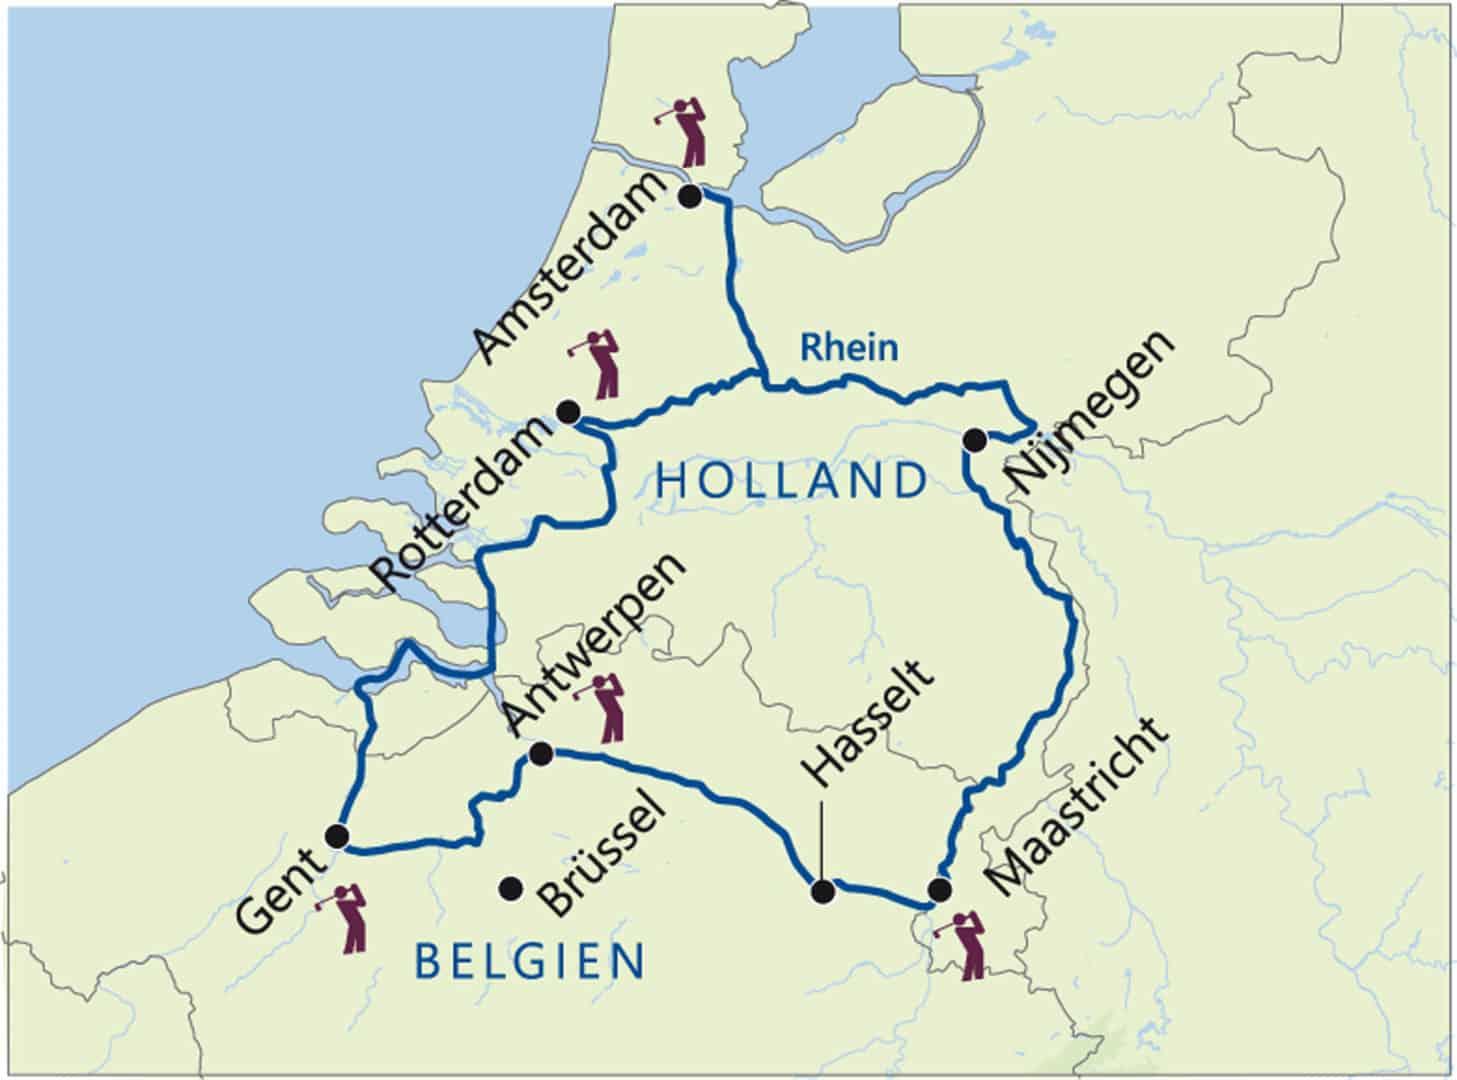 golfplätze holland karte Golf Flussreise Holland & Belgien Excellence Countess   GREEN GOLF